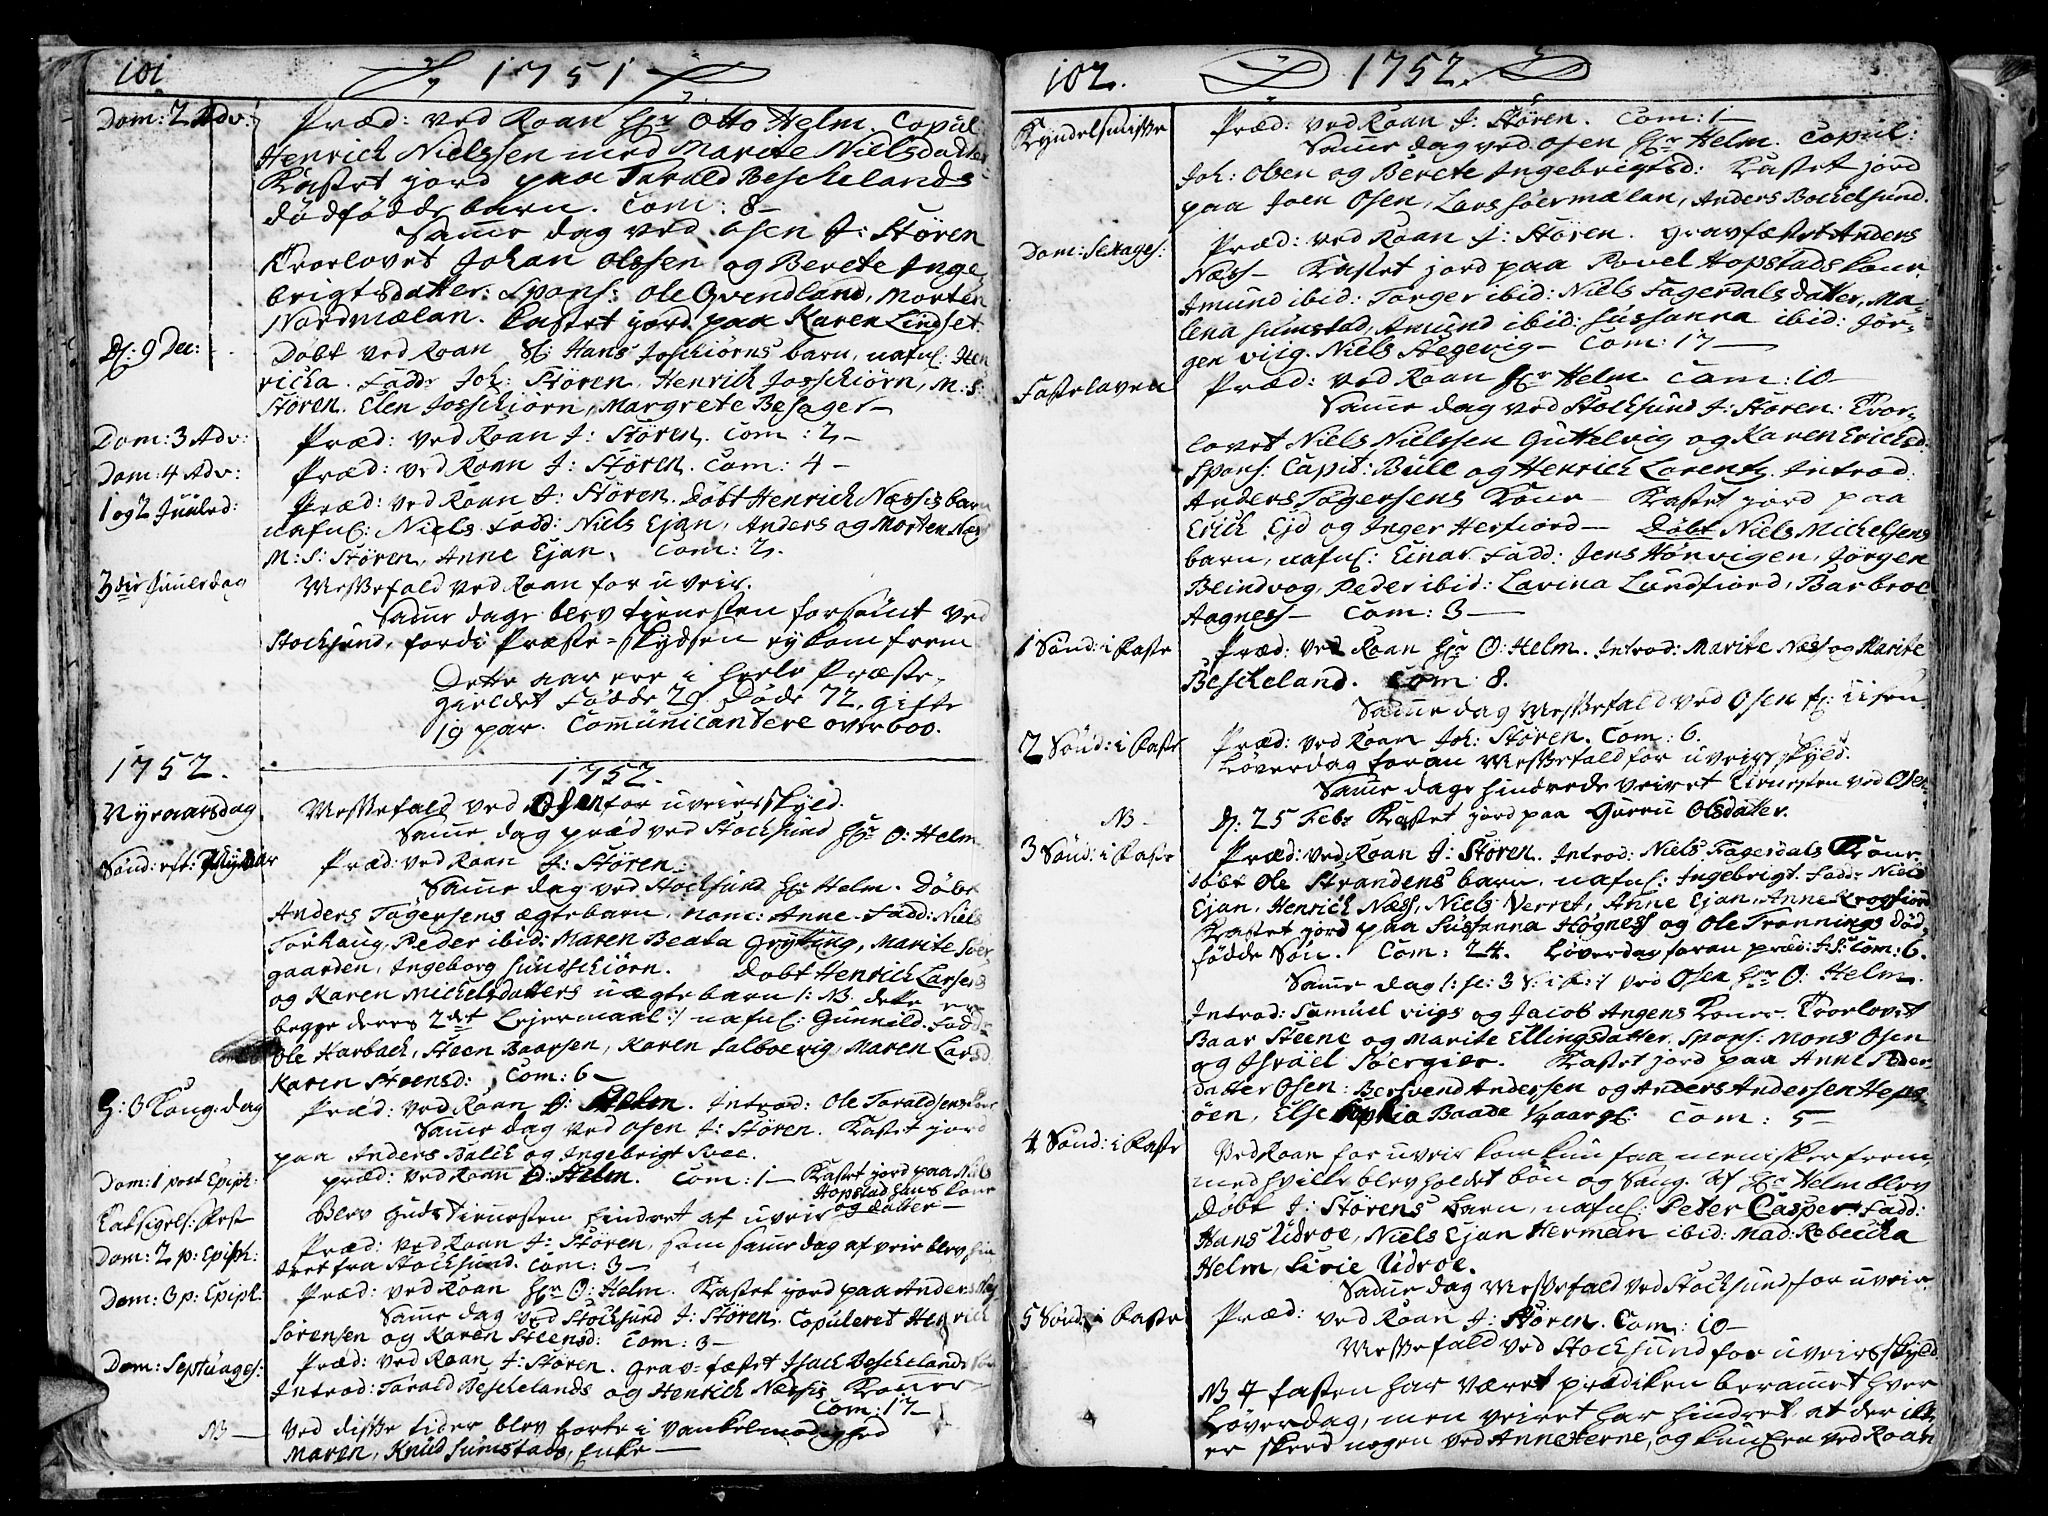 SAT, Ministerialprotokoller, klokkerbøker og fødselsregistre - Sør-Trøndelag, 657/L0700: Ministerialbok nr. 657A01, 1732-1801, s. 101-102